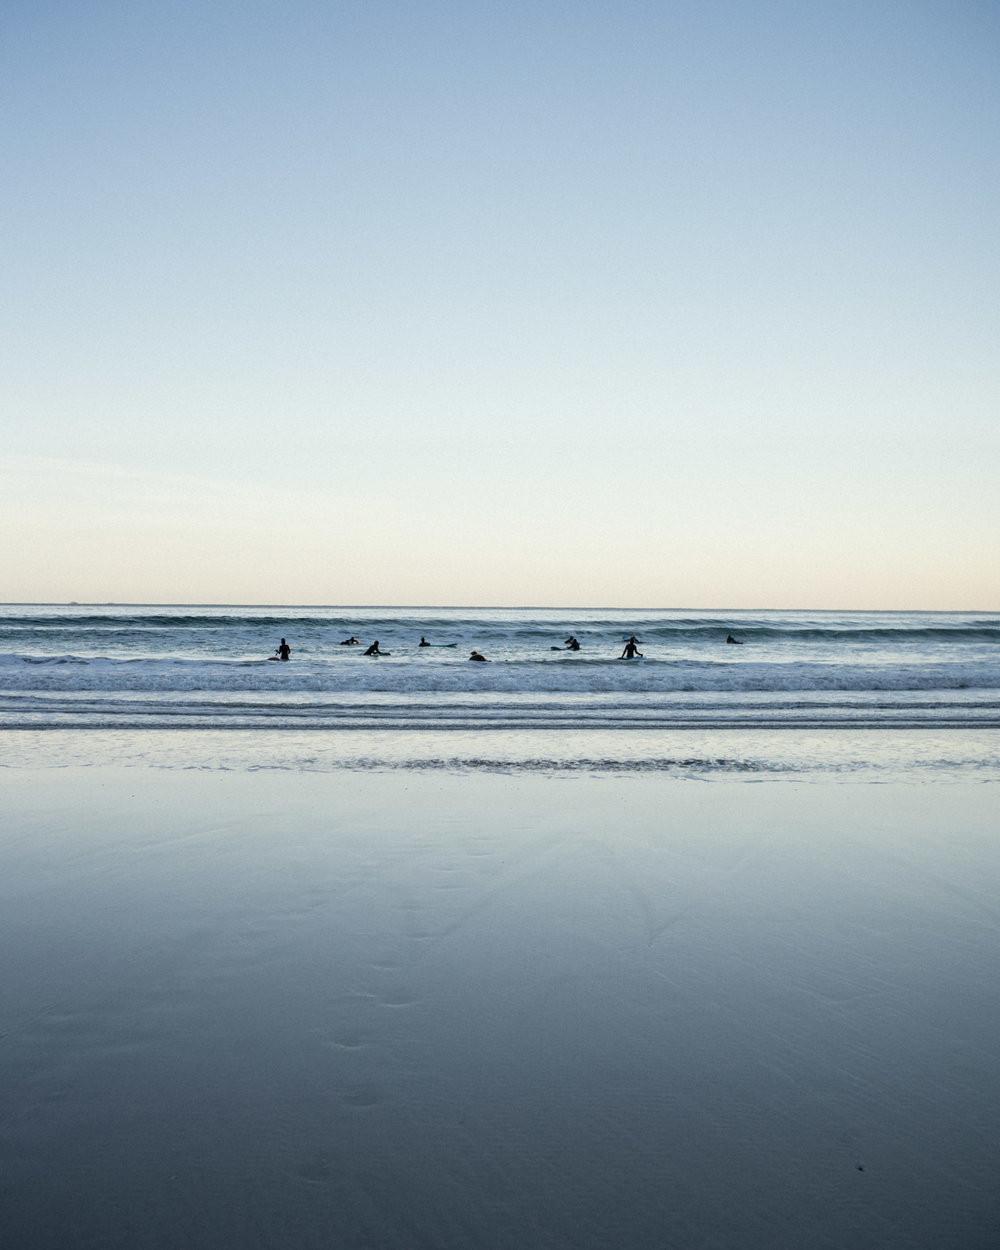 arkticheskij_surfing_v_objektive_tima_franco-15